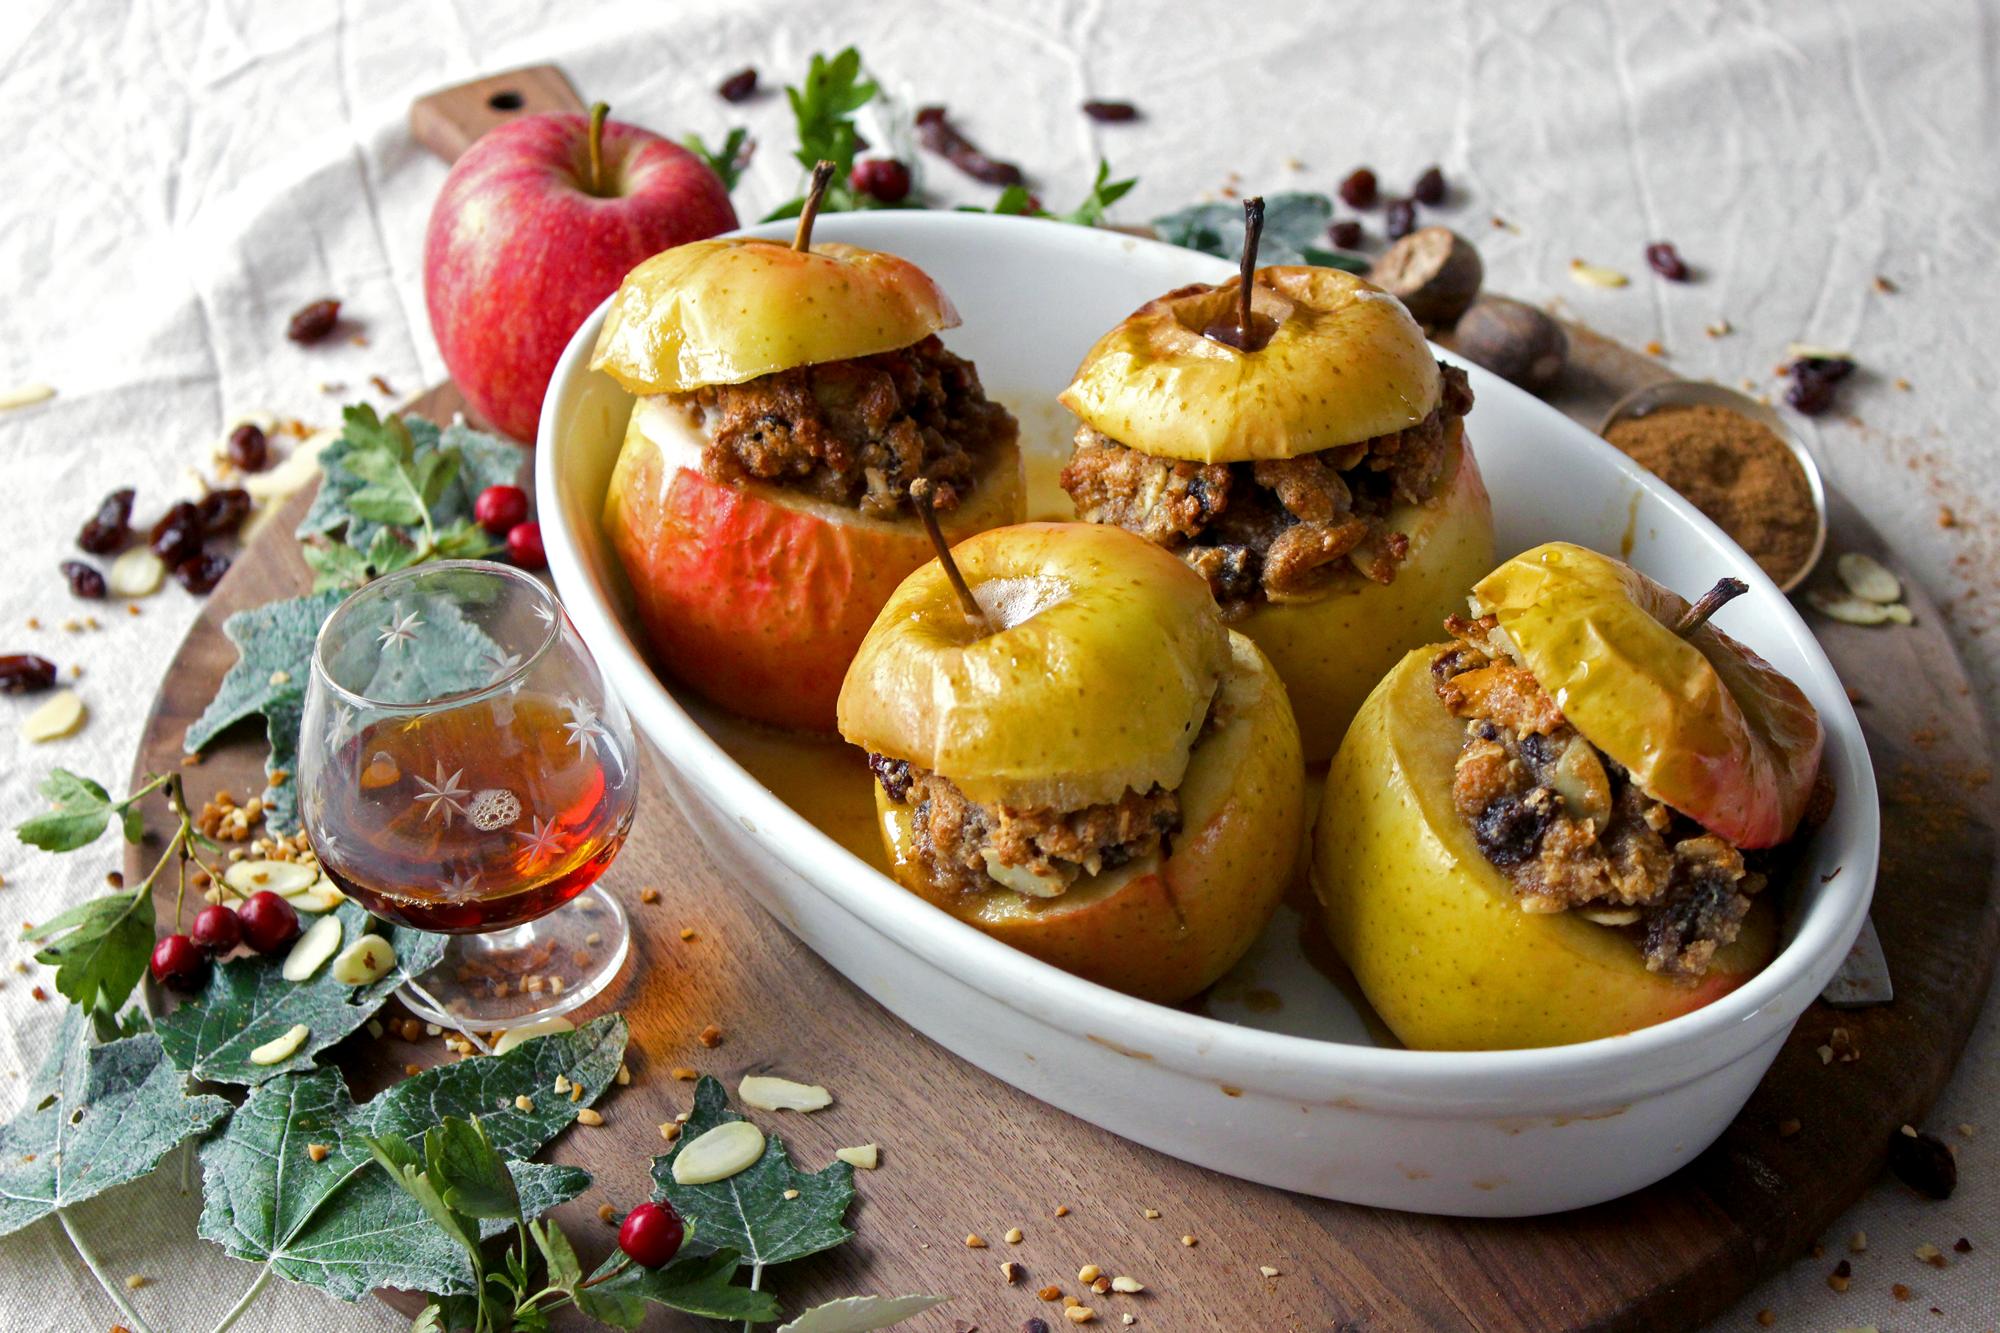 Pommes épicées farcies aux Amandes, aux Raisins et au sirop d'érable